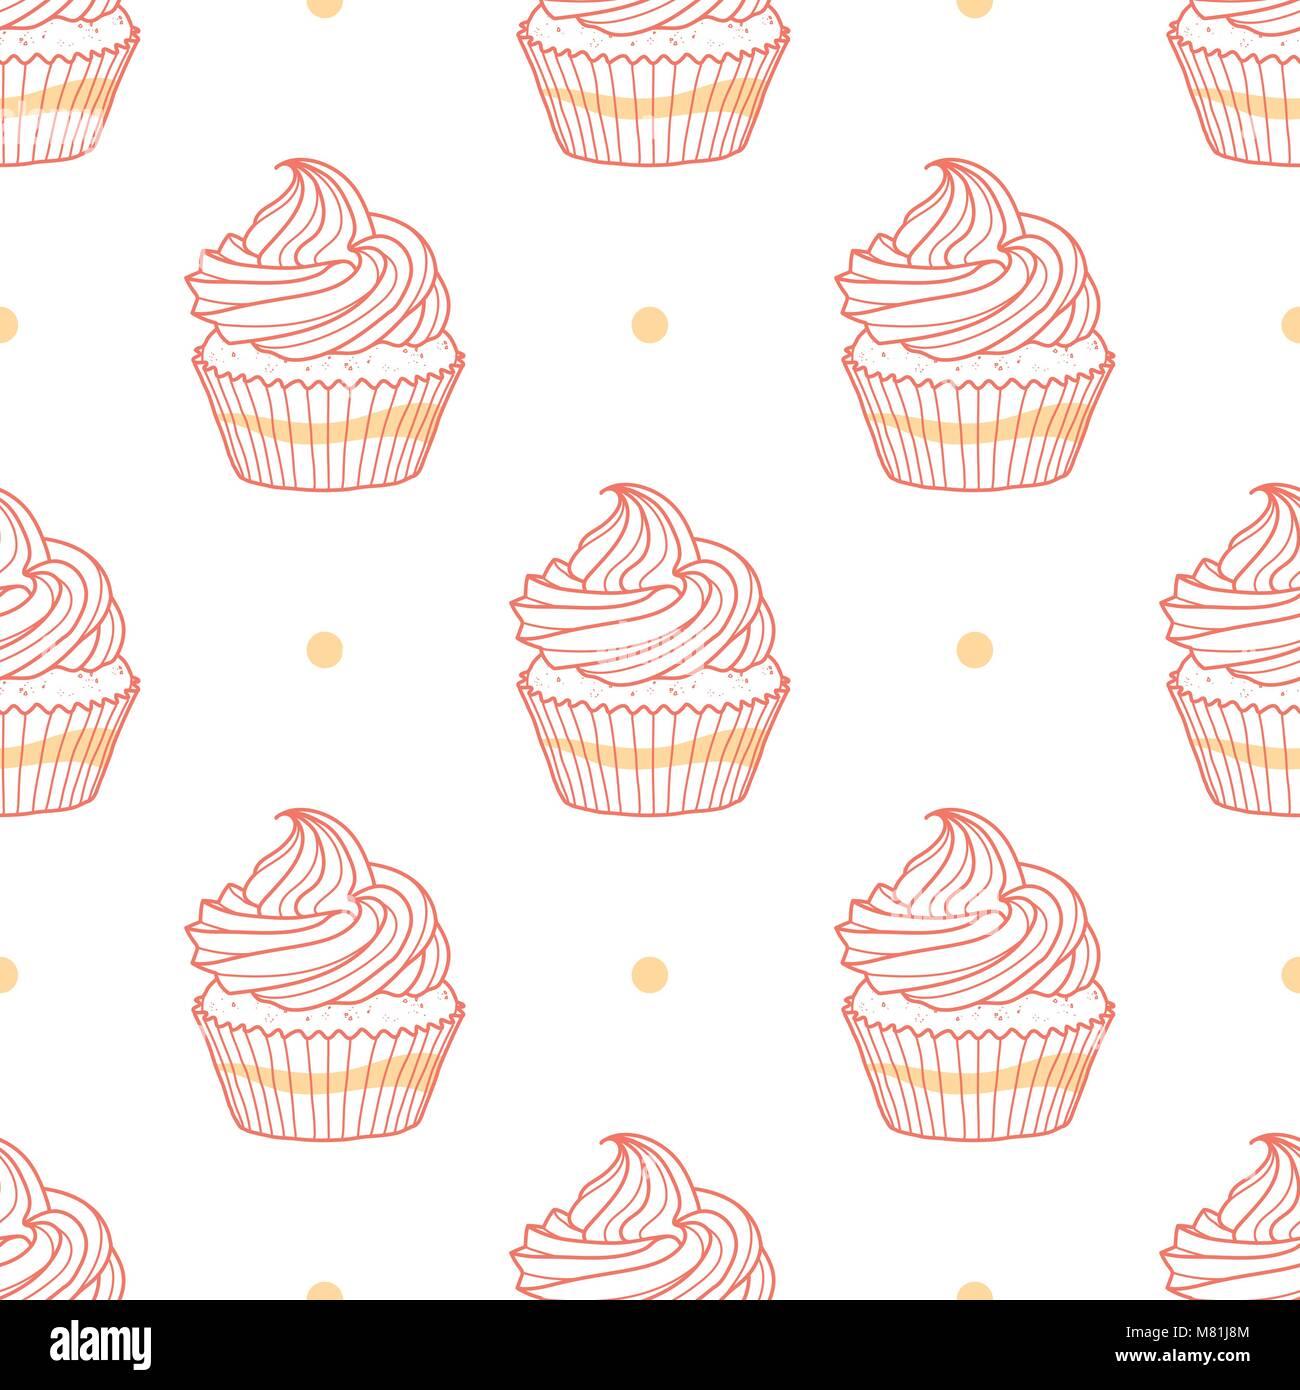 Ungewöhnlich Cupcakes Malvorlagen Süß Zeitgenössisch - Druckbare ...